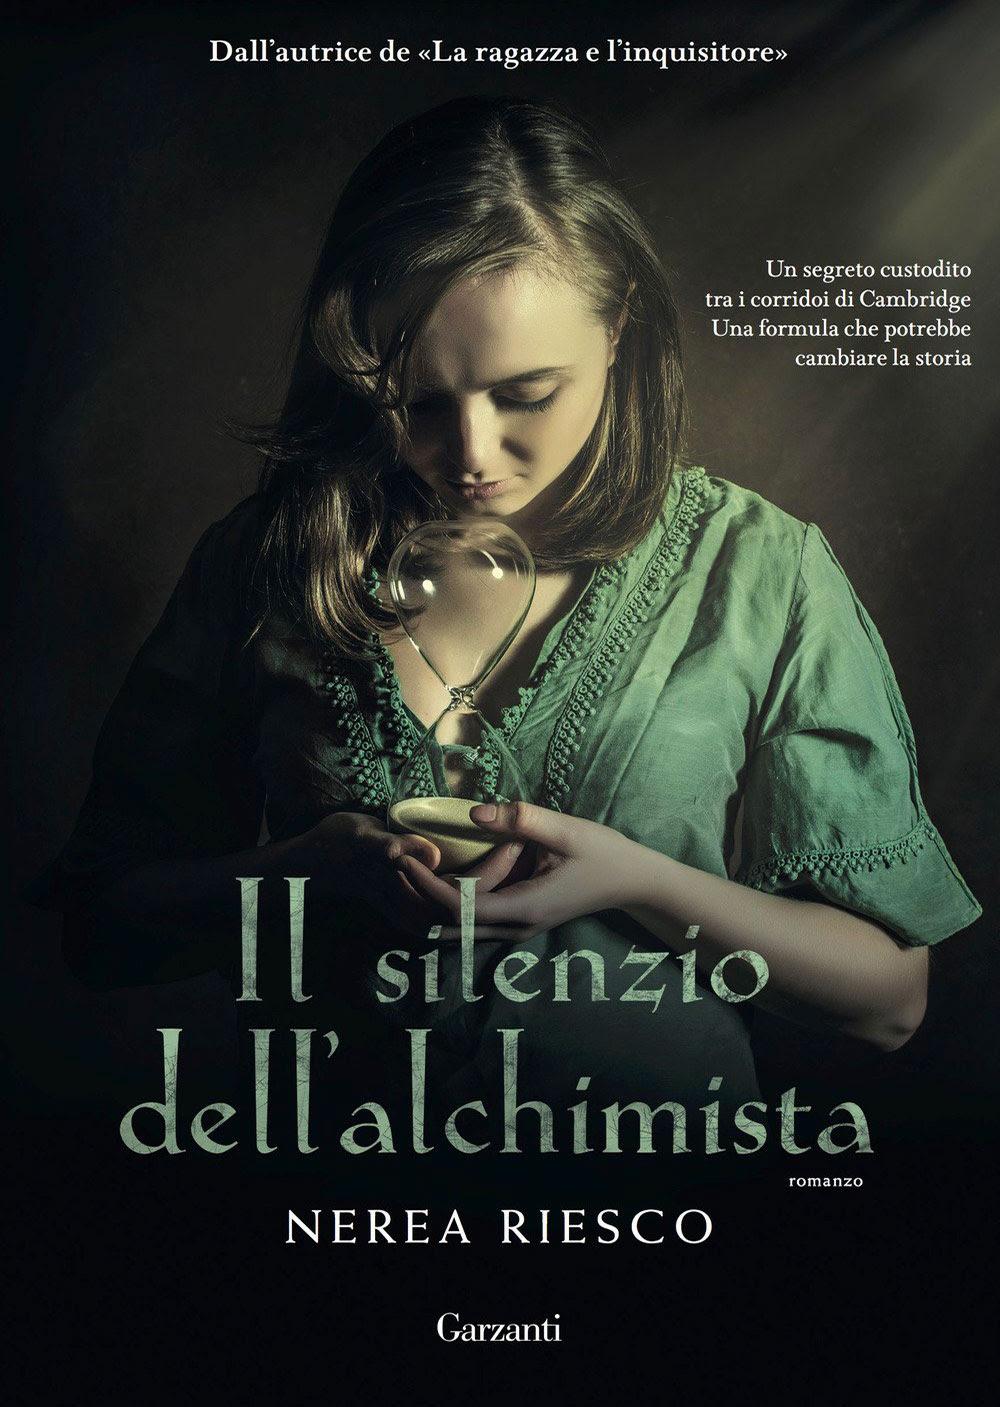 Il silenzio dell'alchimista